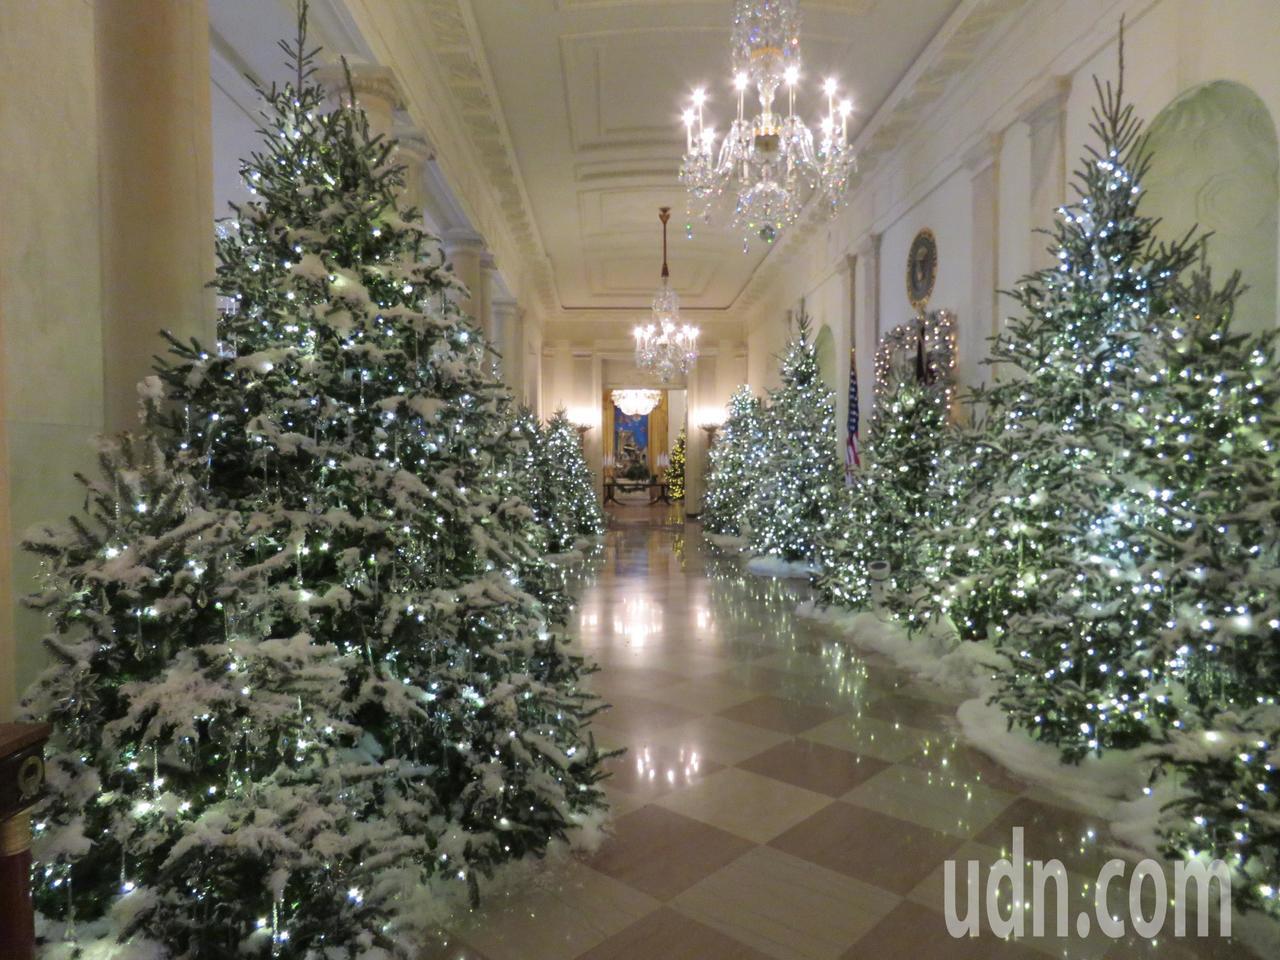 由美國第一夫人梅蘭妮亞設計的白宮聖誕裝飾,今年以「悠久傳統」為主題。華盛頓記者張...